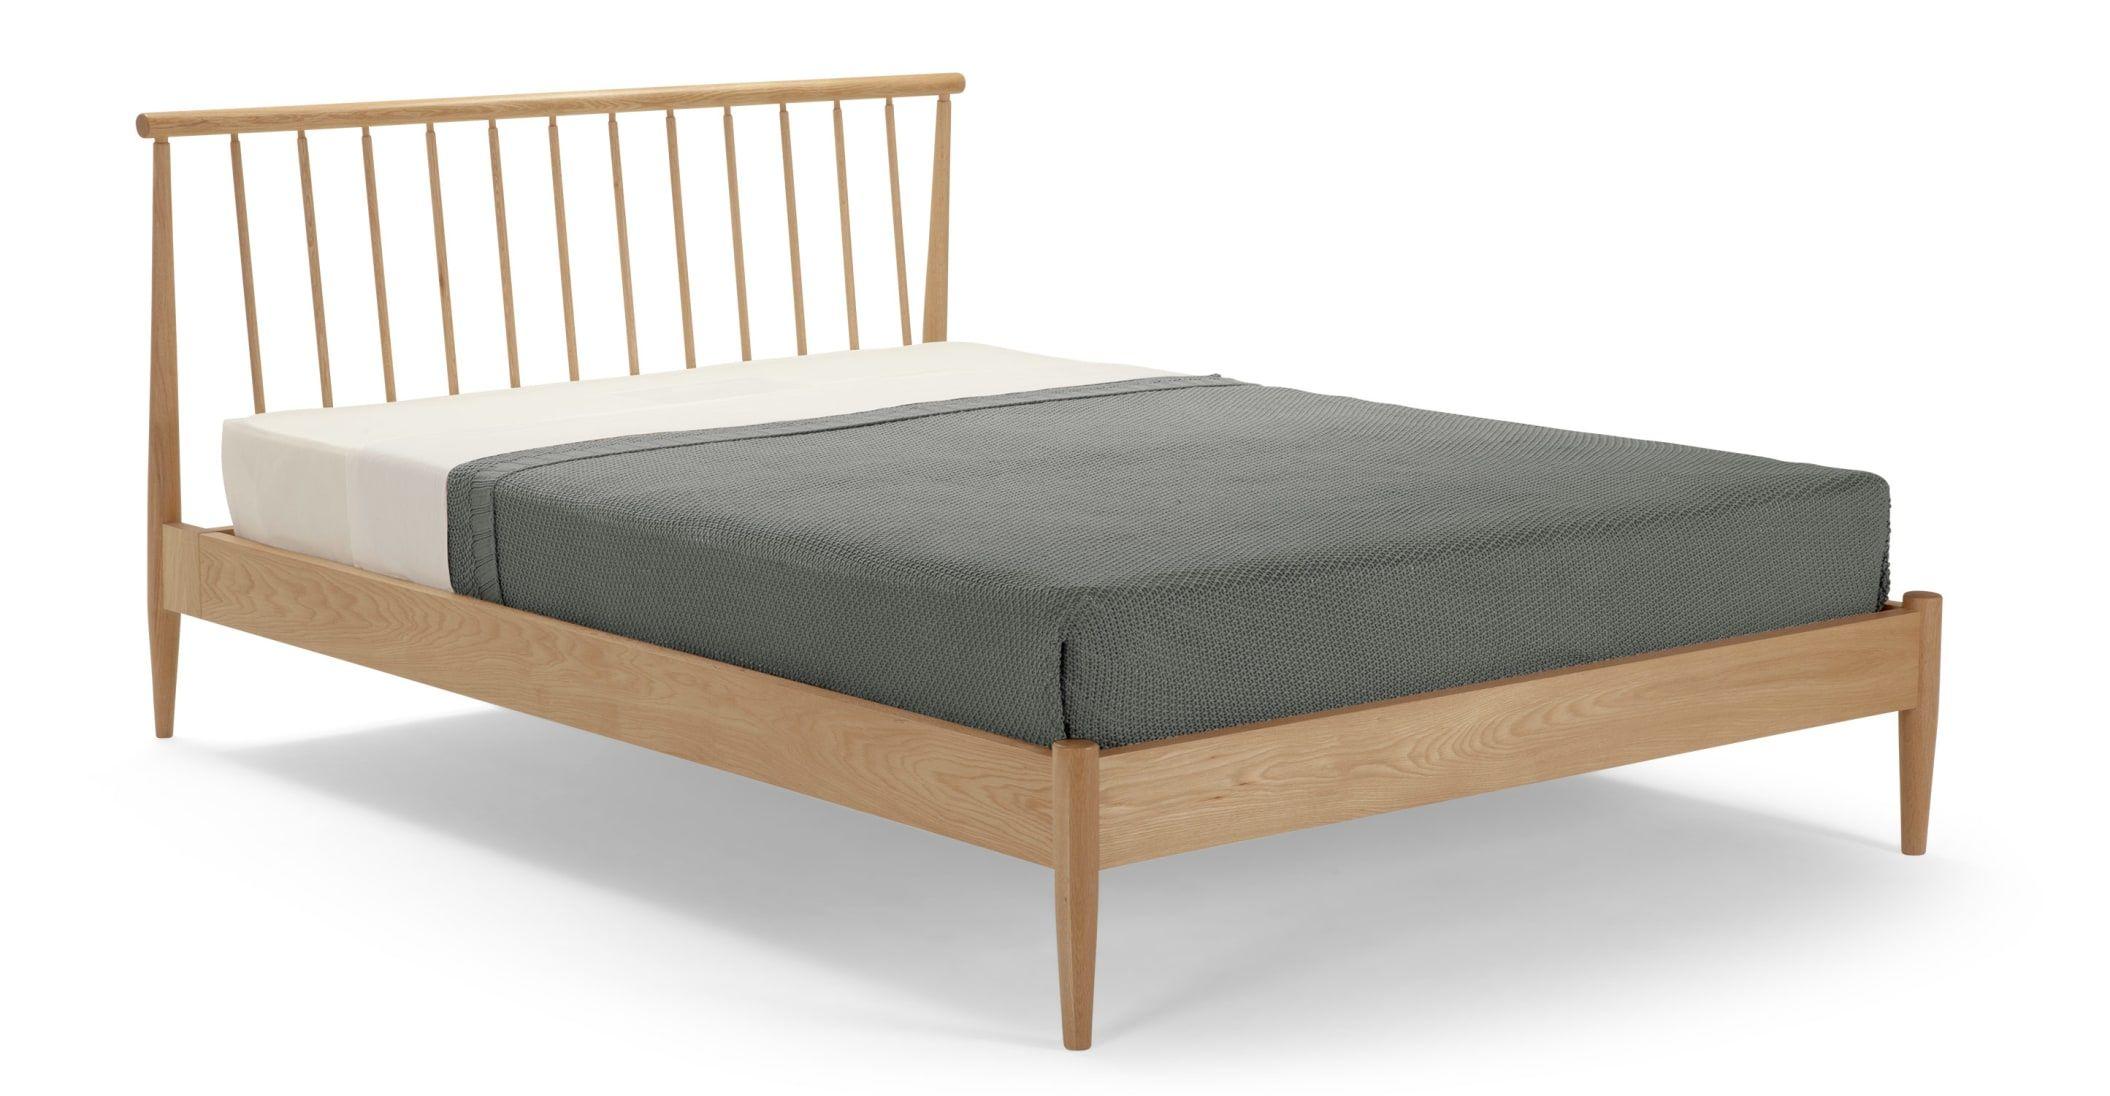 Penn Holzbett 160 X 200 Cm Eiche Made Com In 2020 Bett Eiche Eichenbetten Eichenschlafzimmer